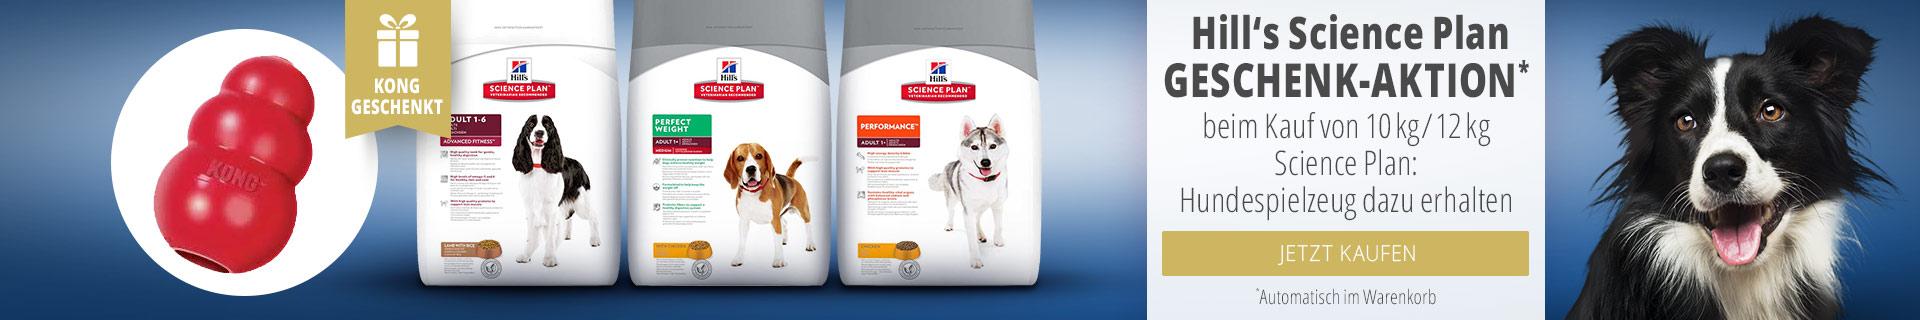 Hills Science Plan Geschenk Aktion keim Kauf von 10kg/12kg Science Plan: Hundespielzeug dazu erhalten